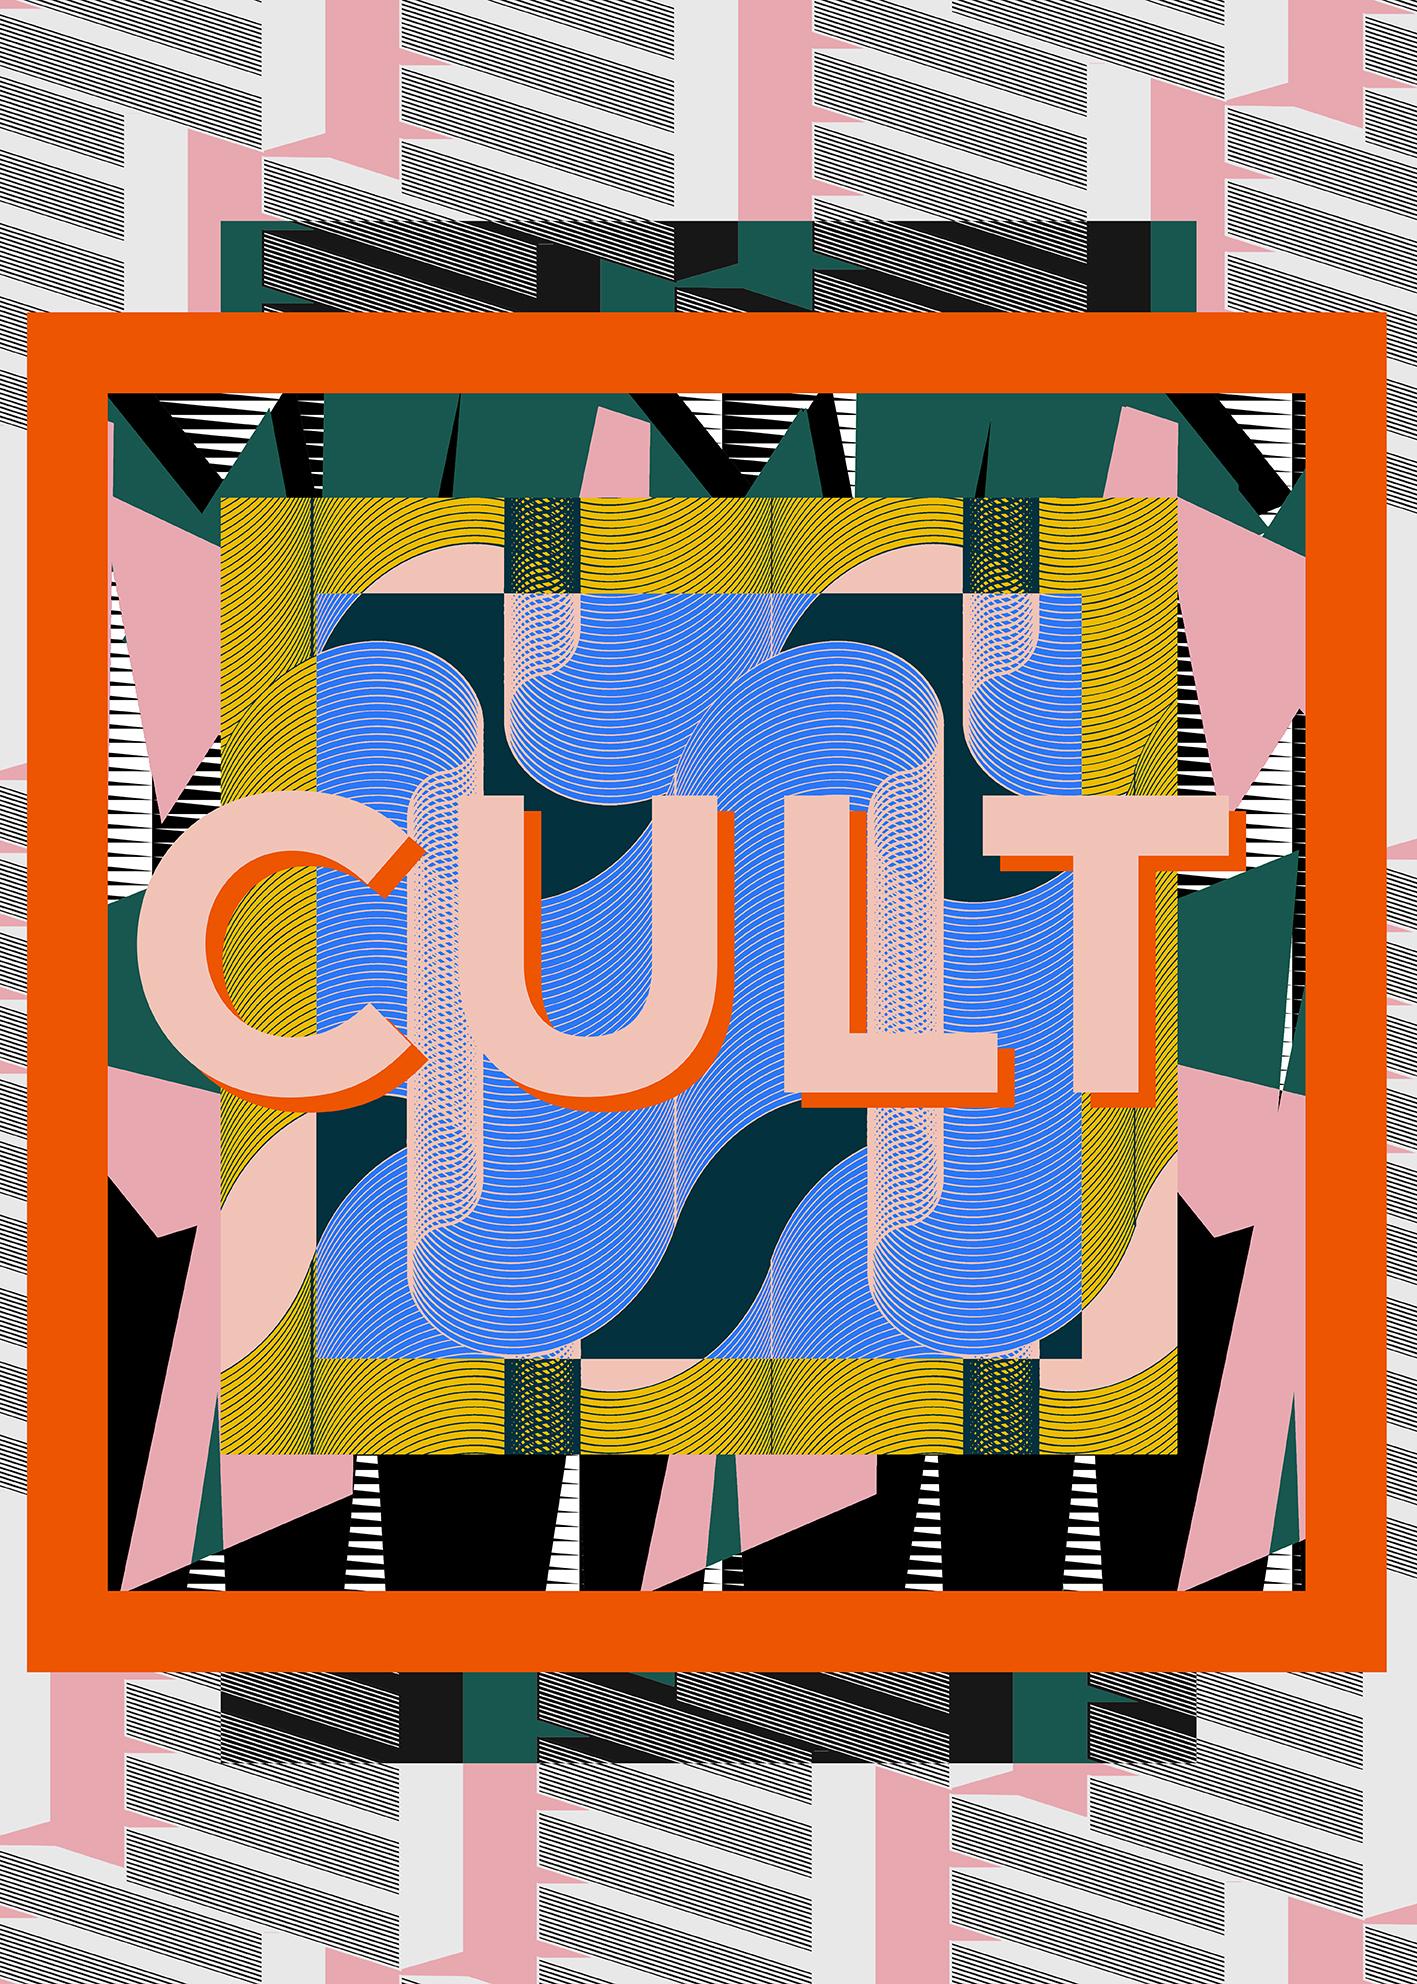 cultvision6.jpg